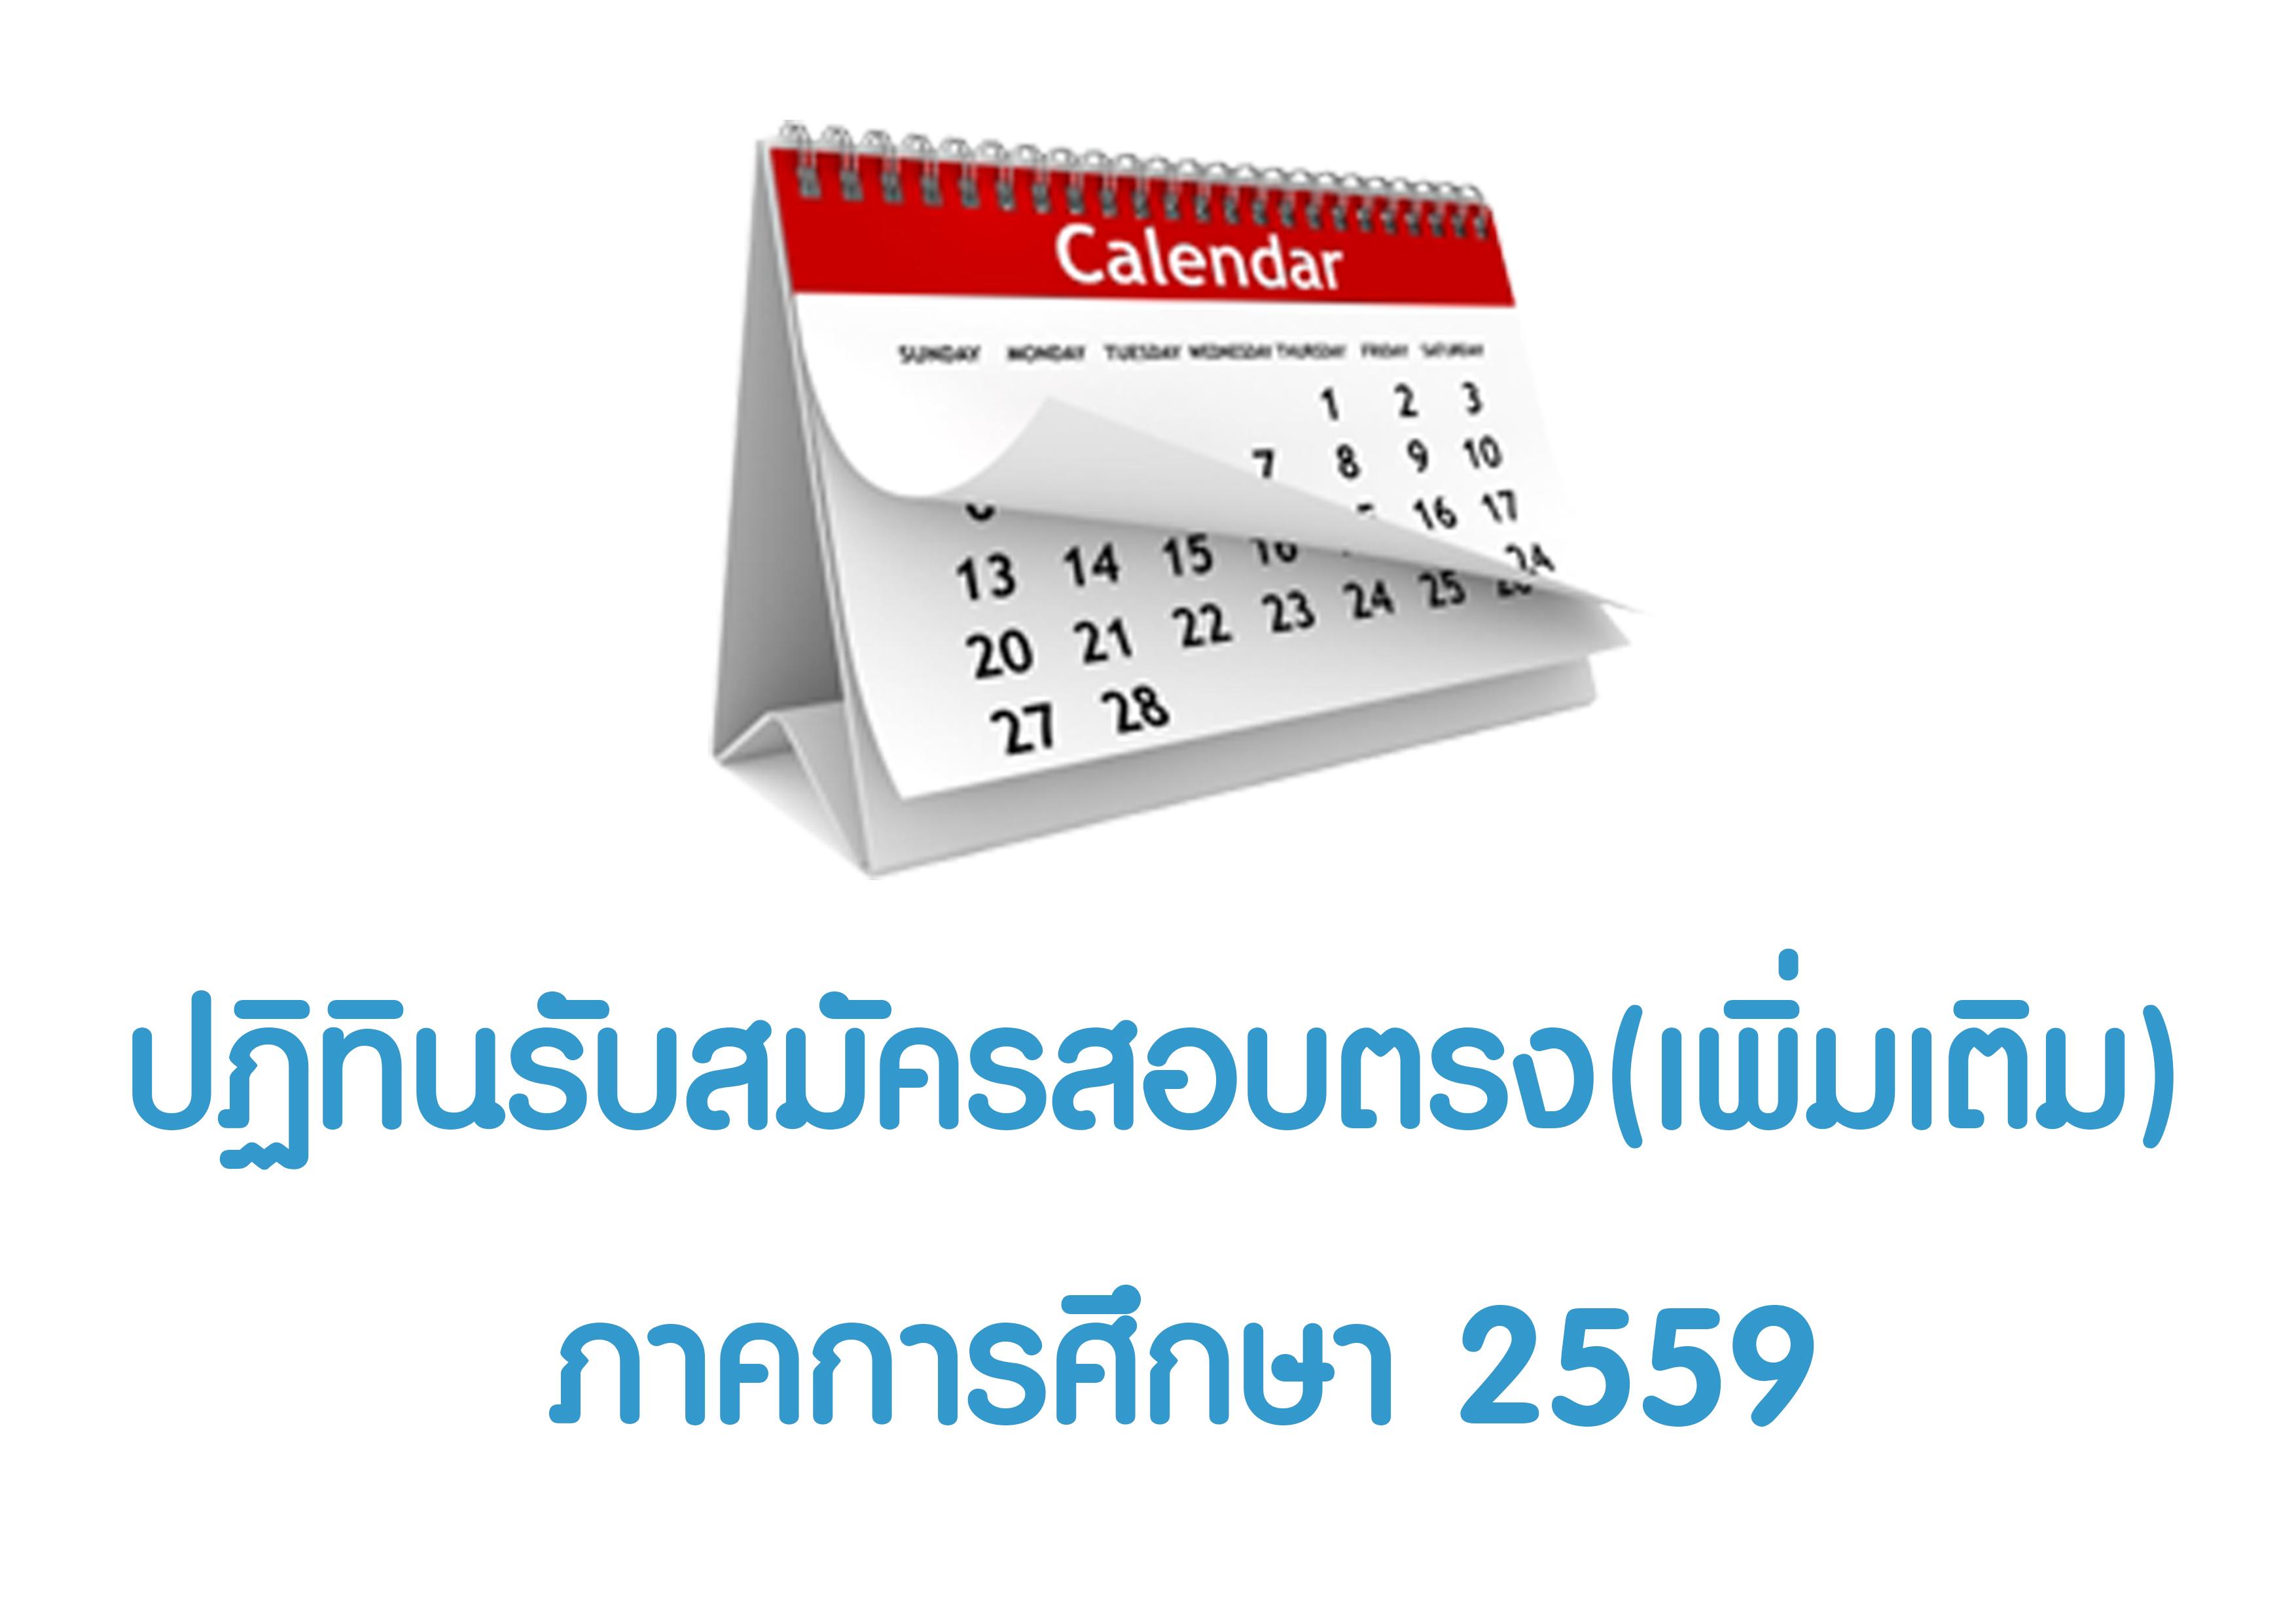 ปฏิทินรับสมัครสอบตรง(เพิ่มเติม) ปี 2559